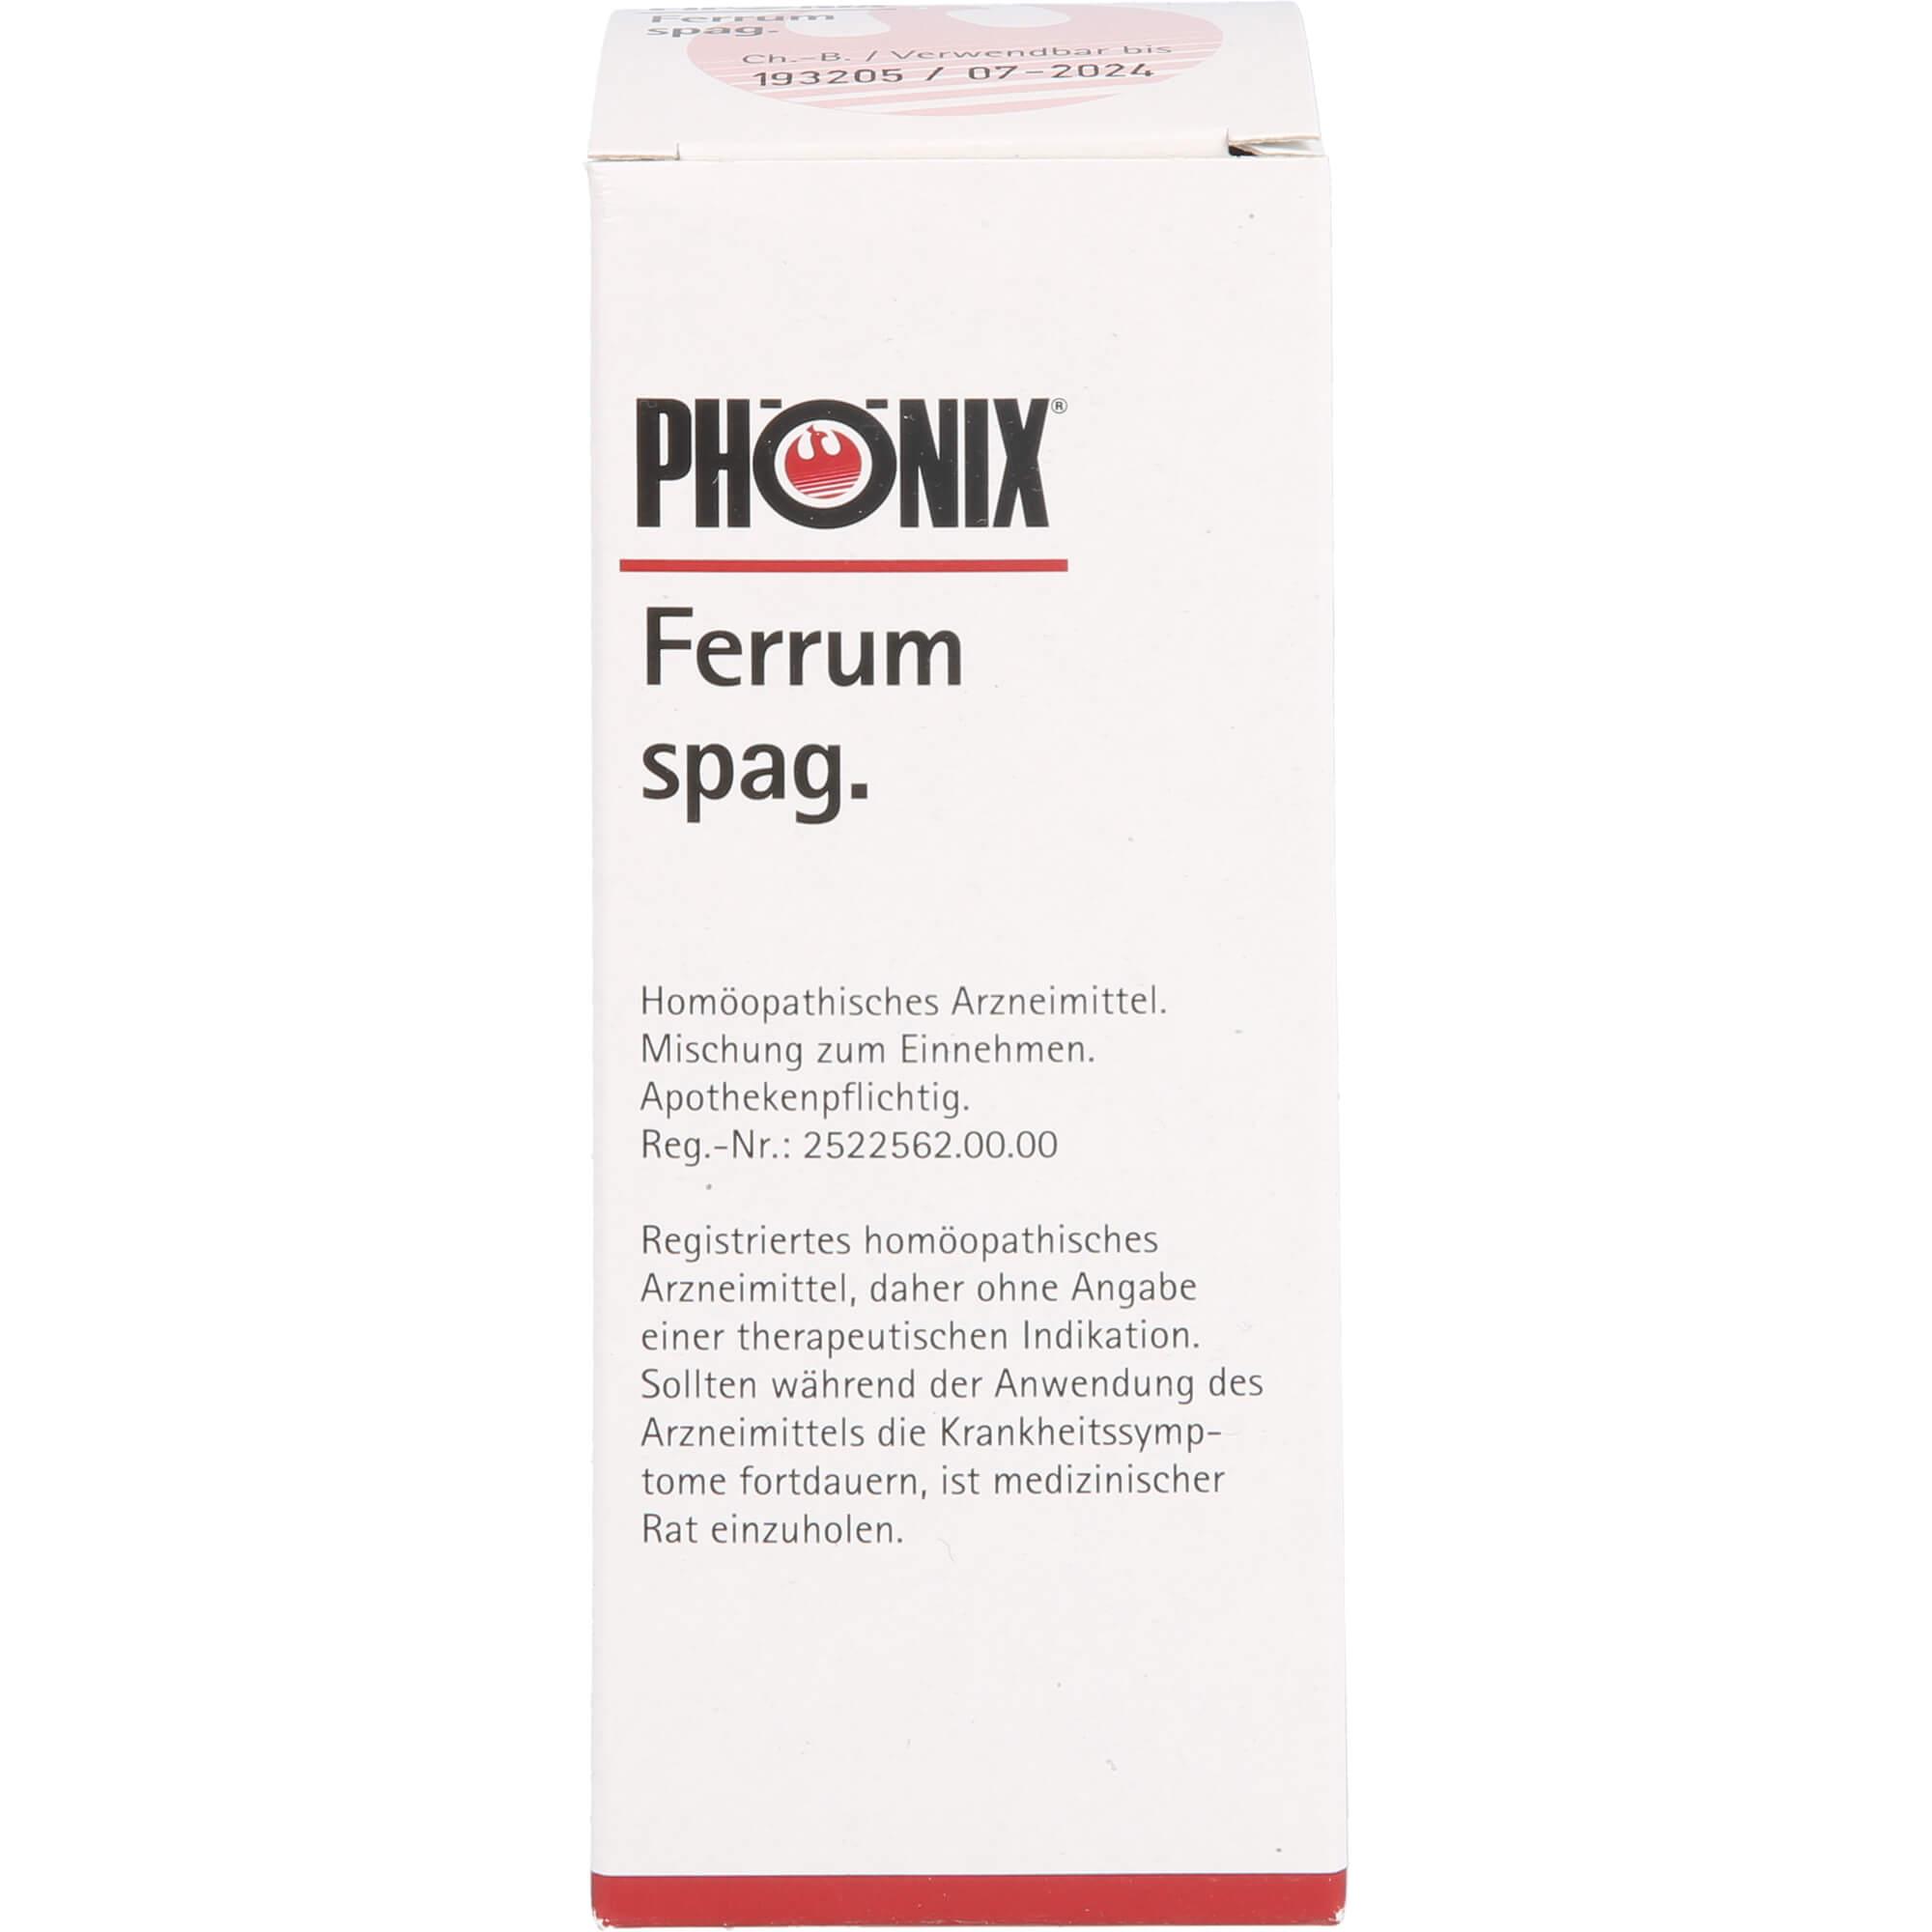 PHOeNIX-FERRUM-spag-Mischung